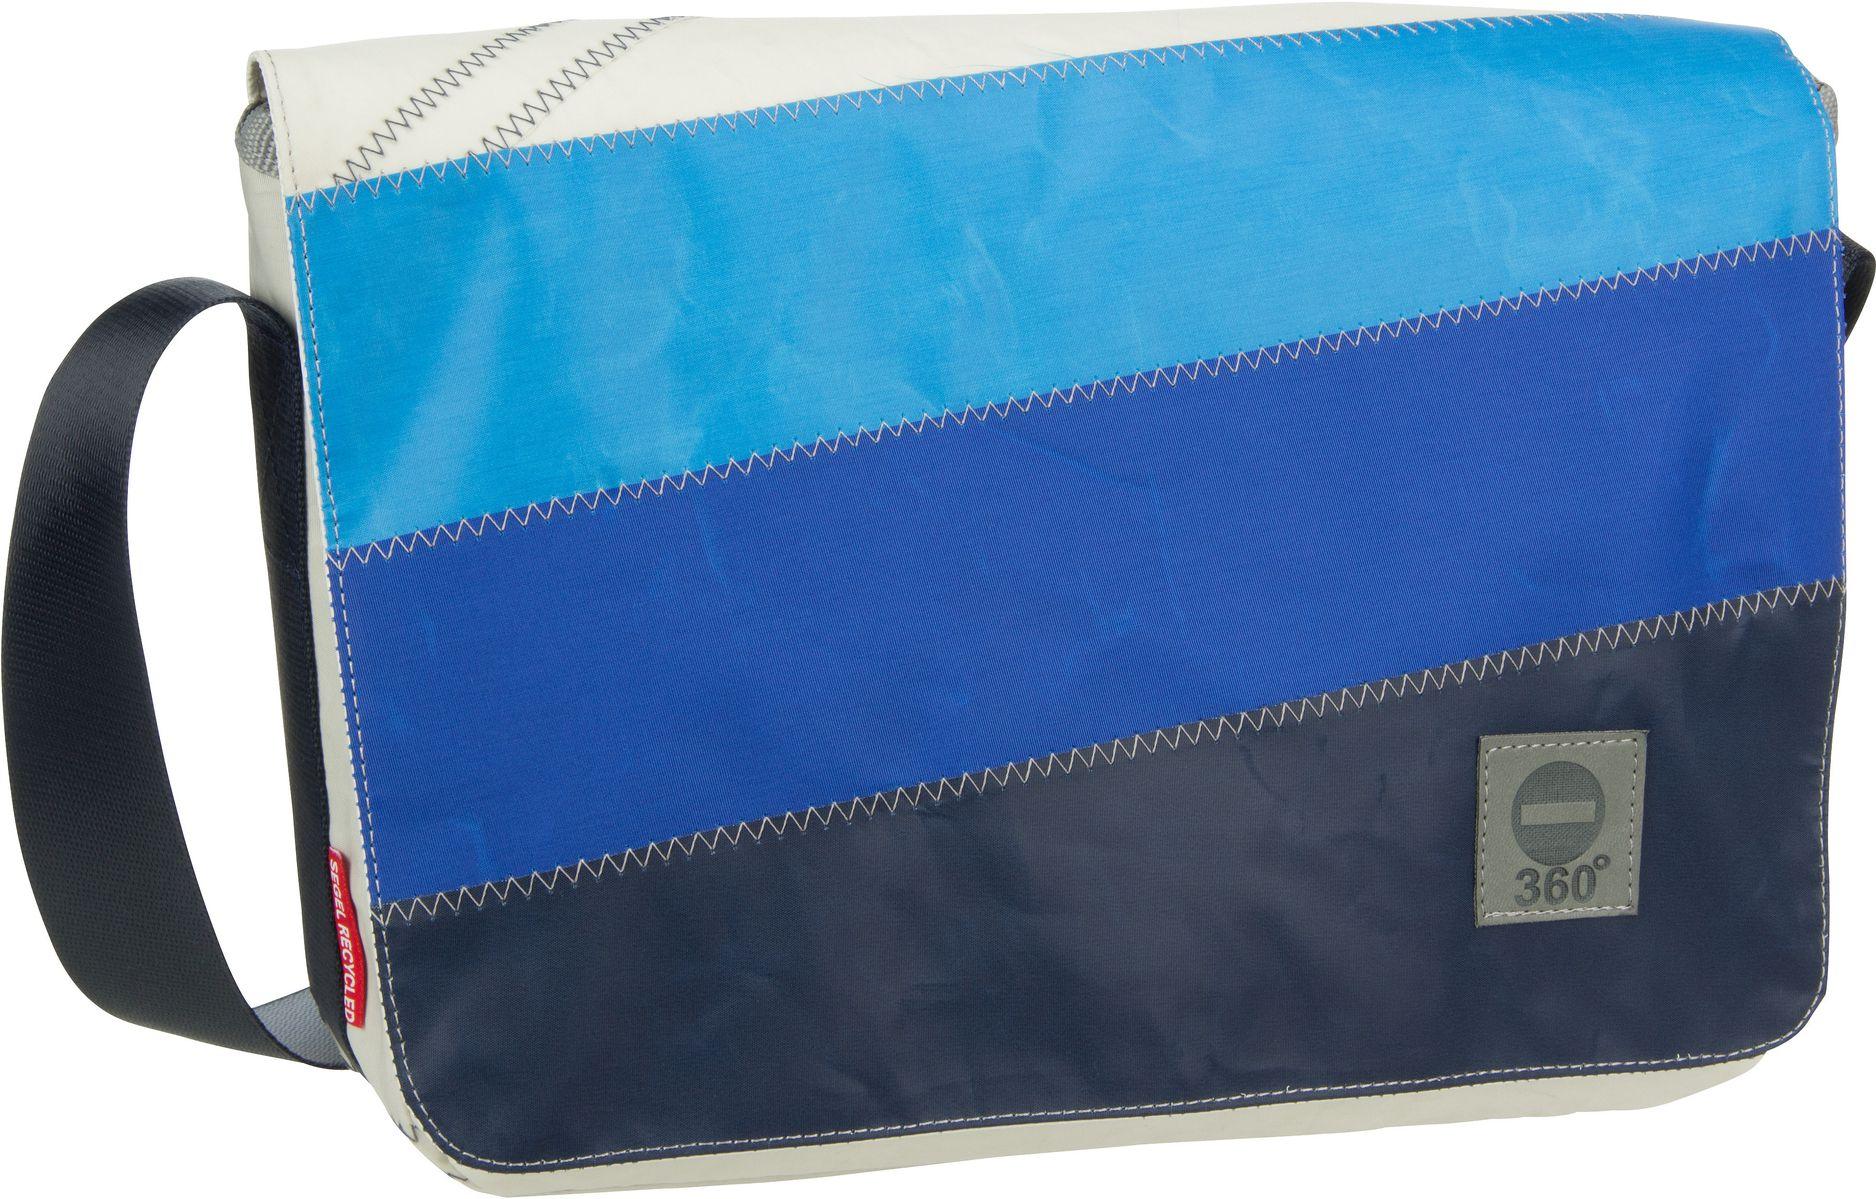 Umhängetasche Barkasse Mini Blaue Streifen (15 Liter)